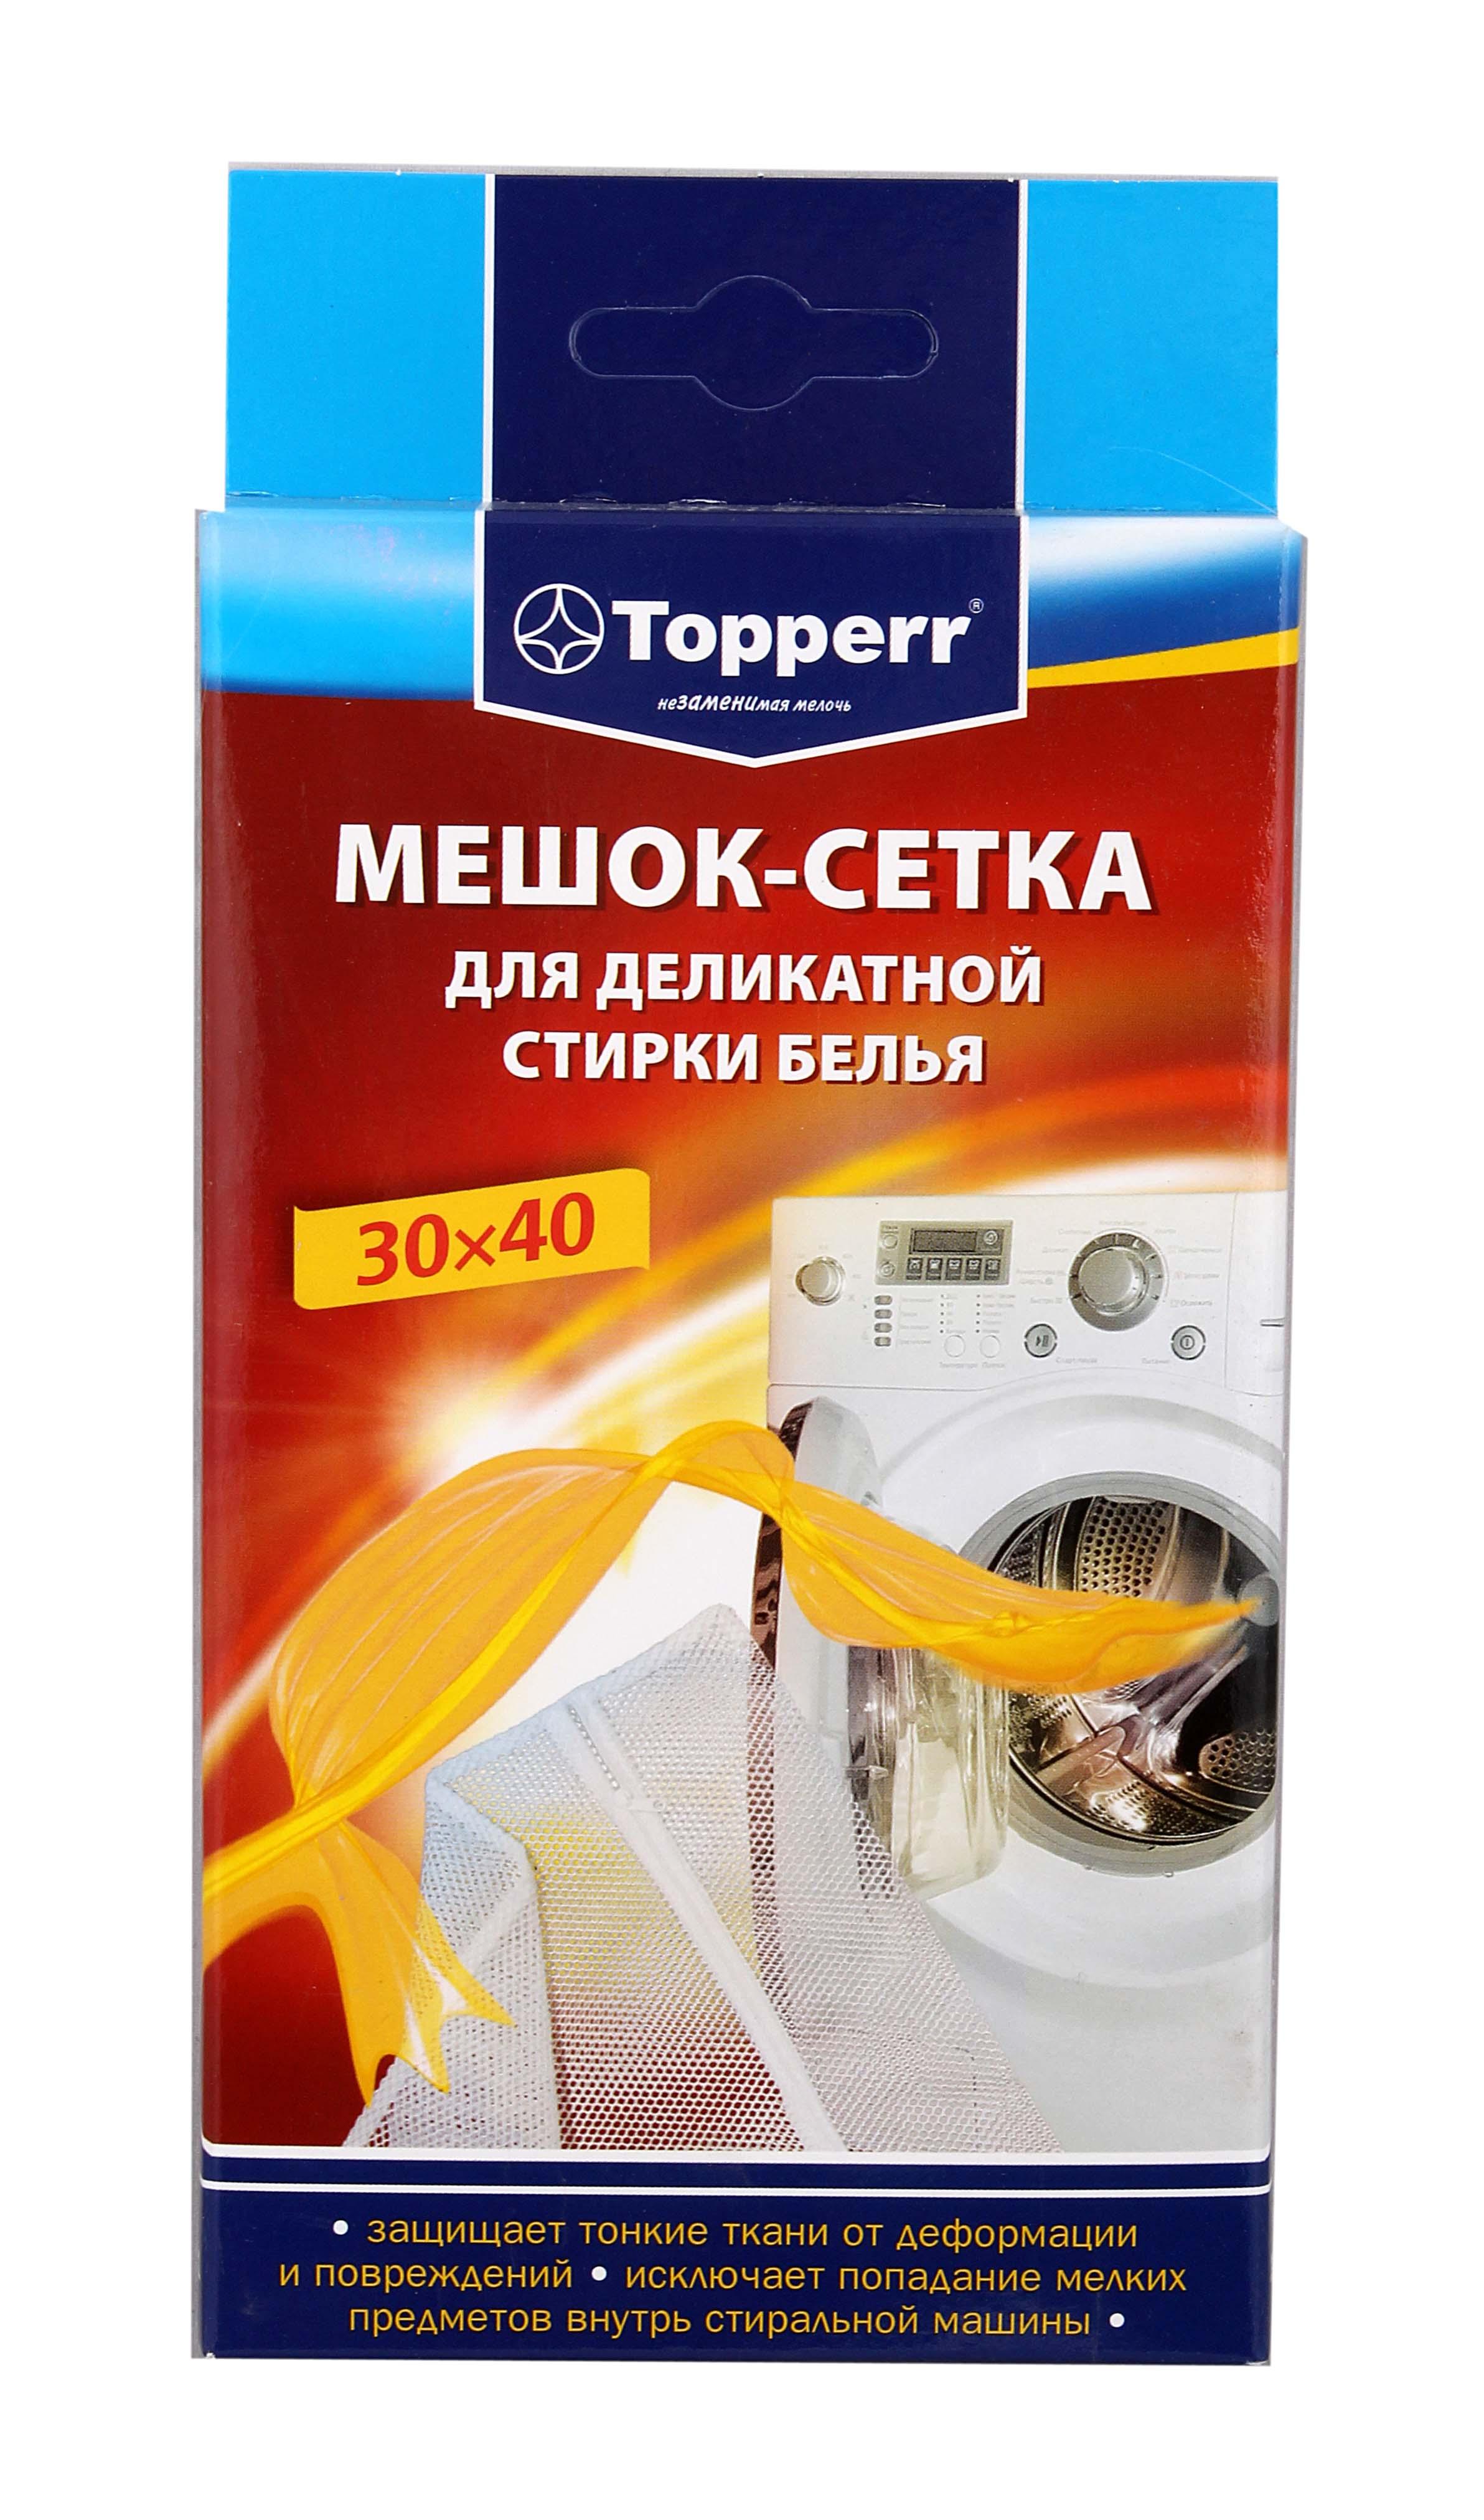 Аксессуары для стиральных машин Topperr от RBT.ru